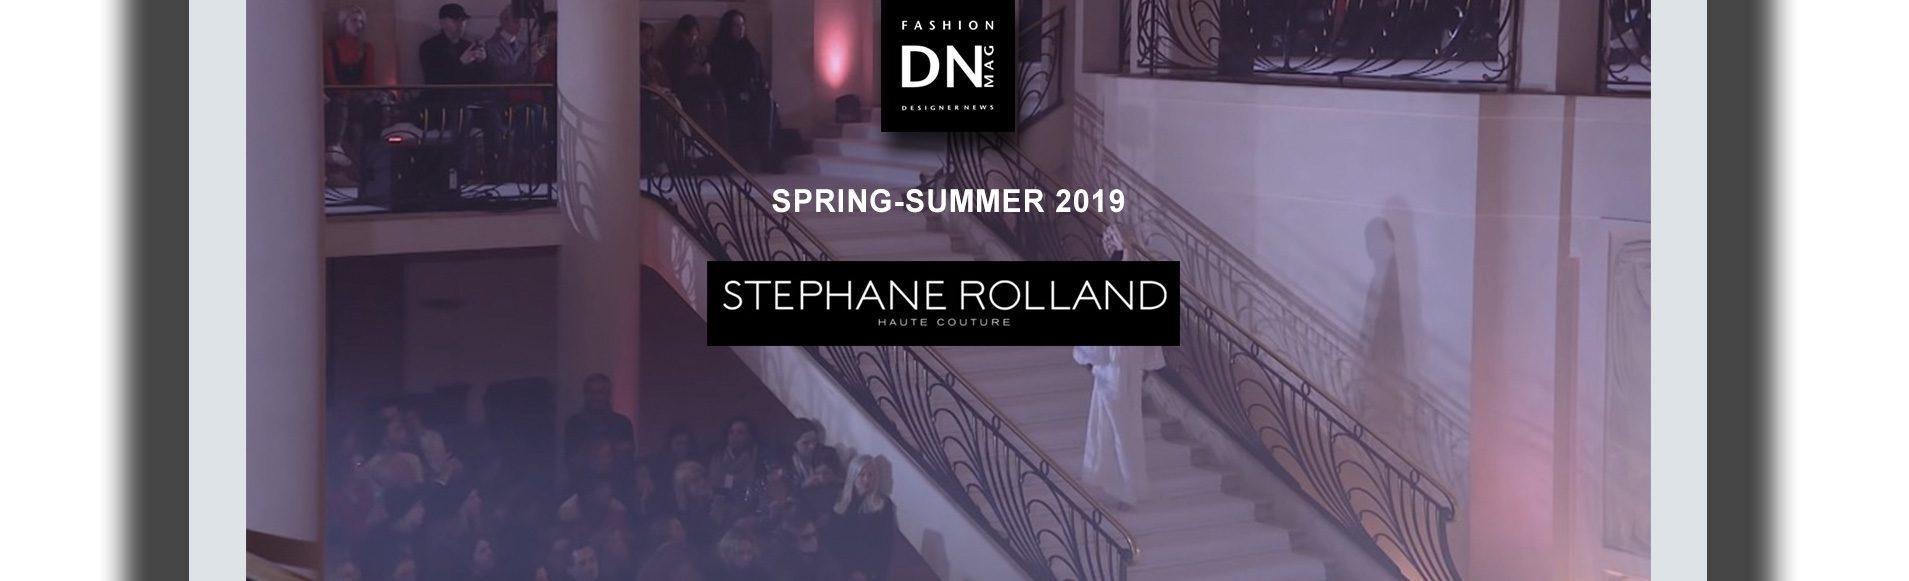 DNMAG-STEPHANE-ROLLAND-SS19